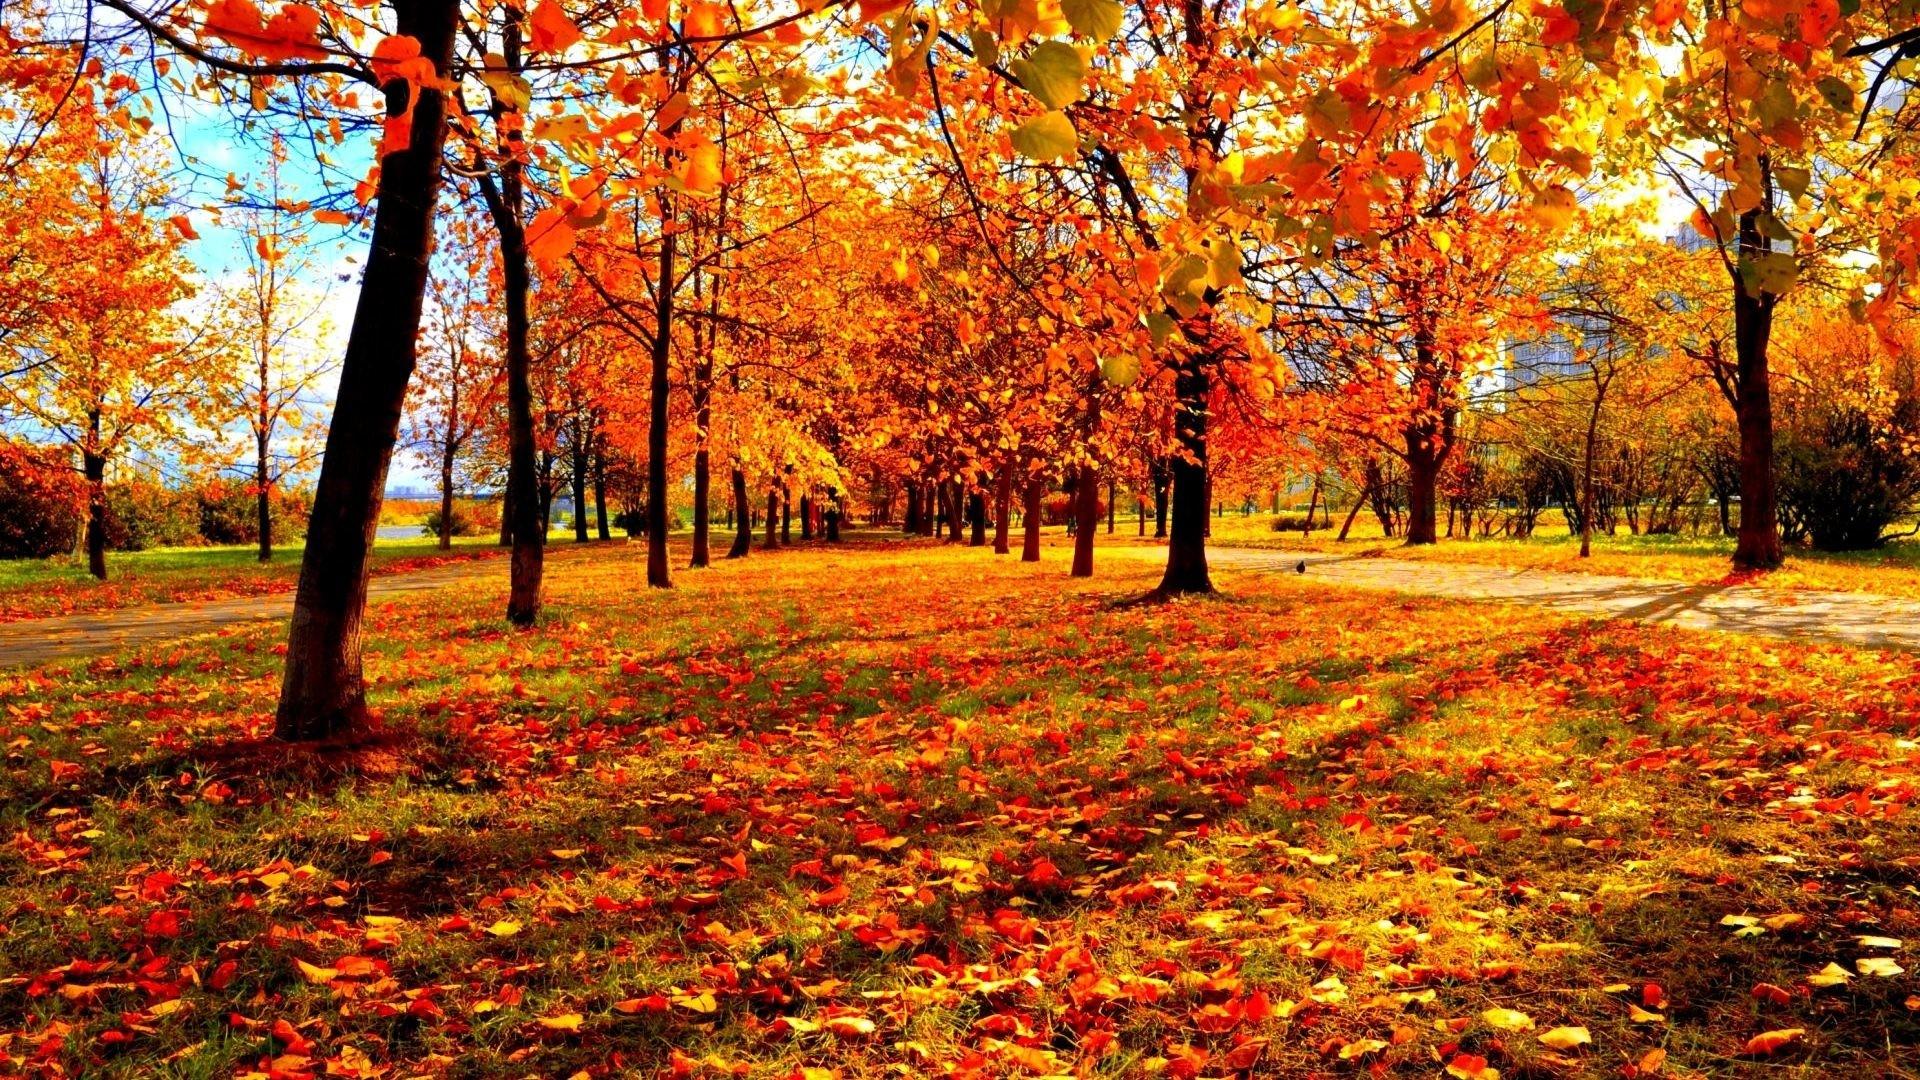 autumn season - photo #7